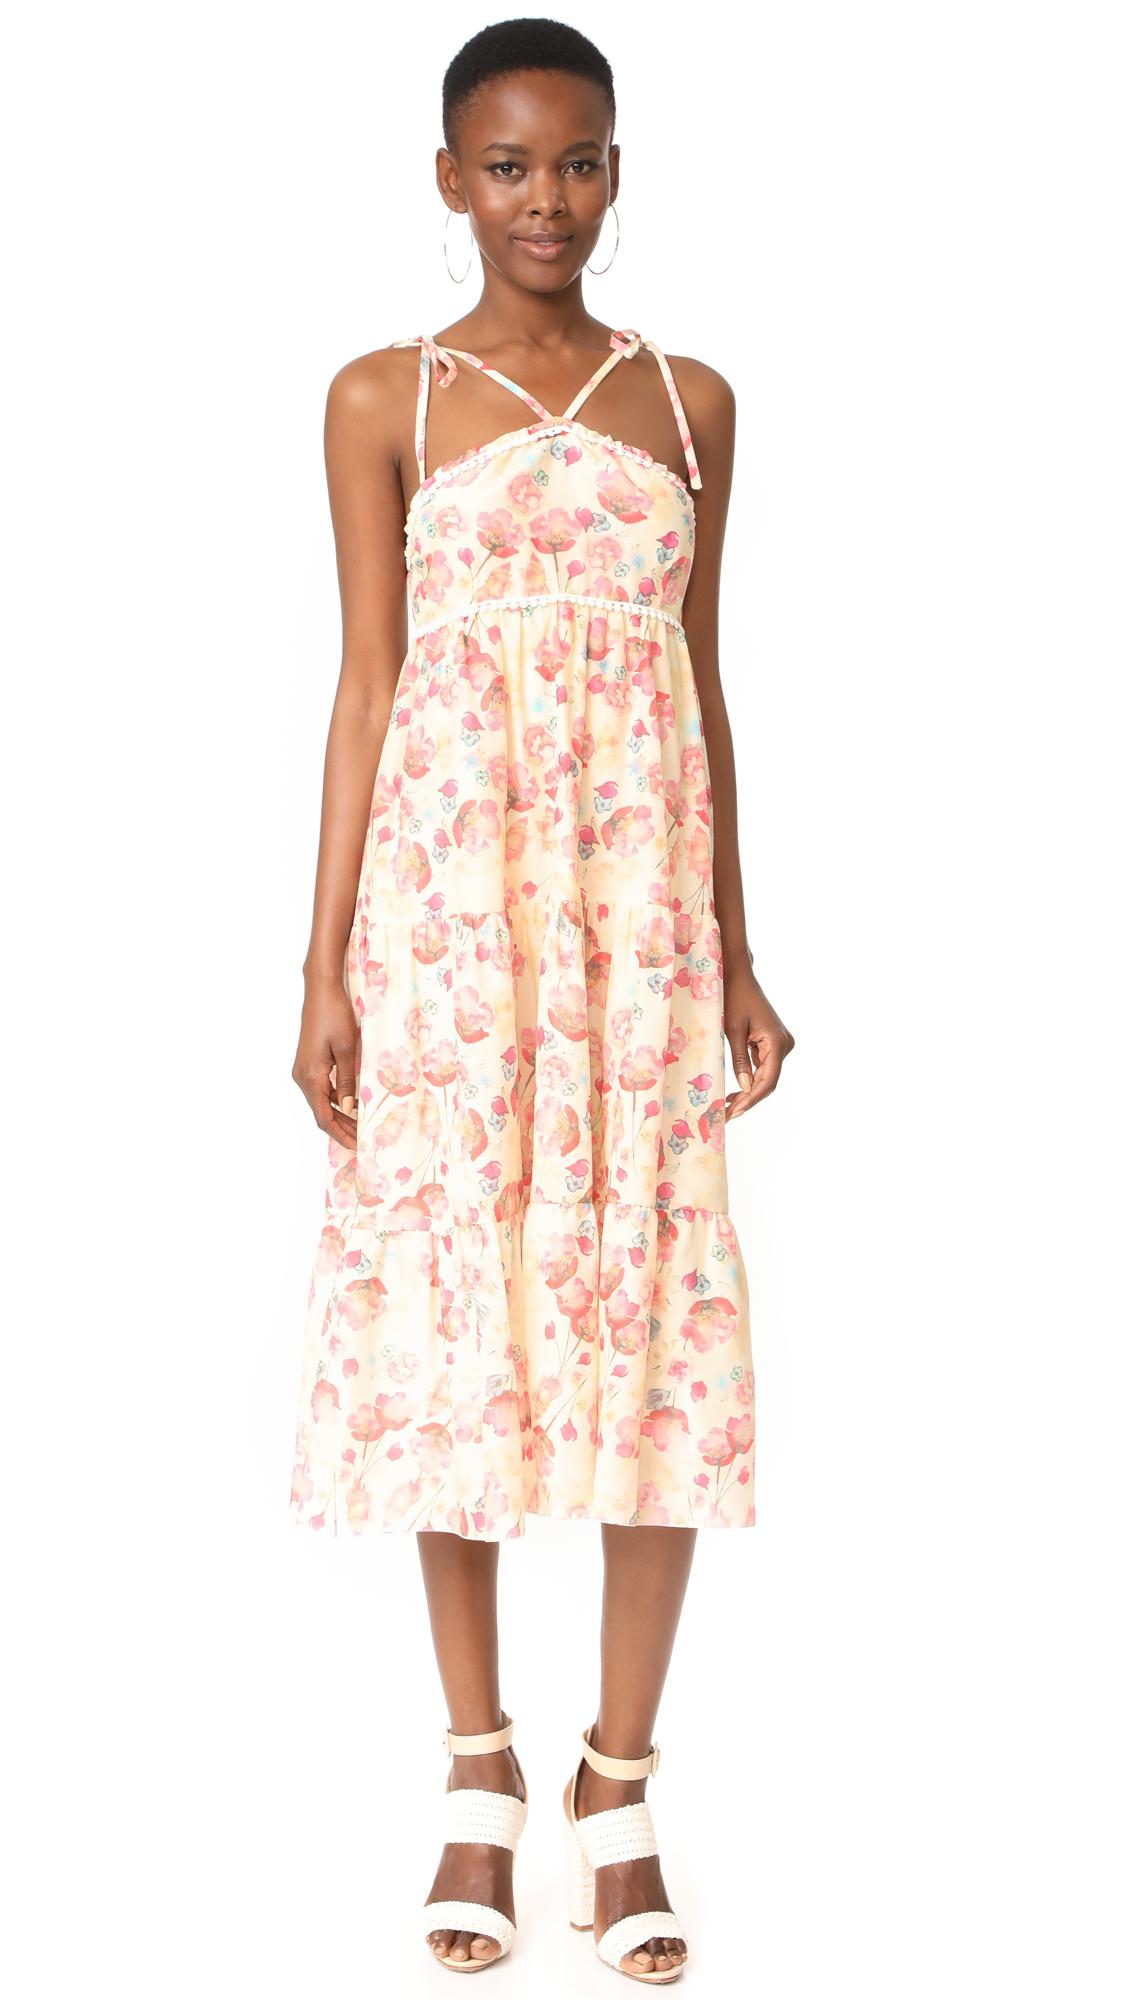 Athena Procopiou Poppy in Love Tiered Dress with V Straps - Beige/Mix